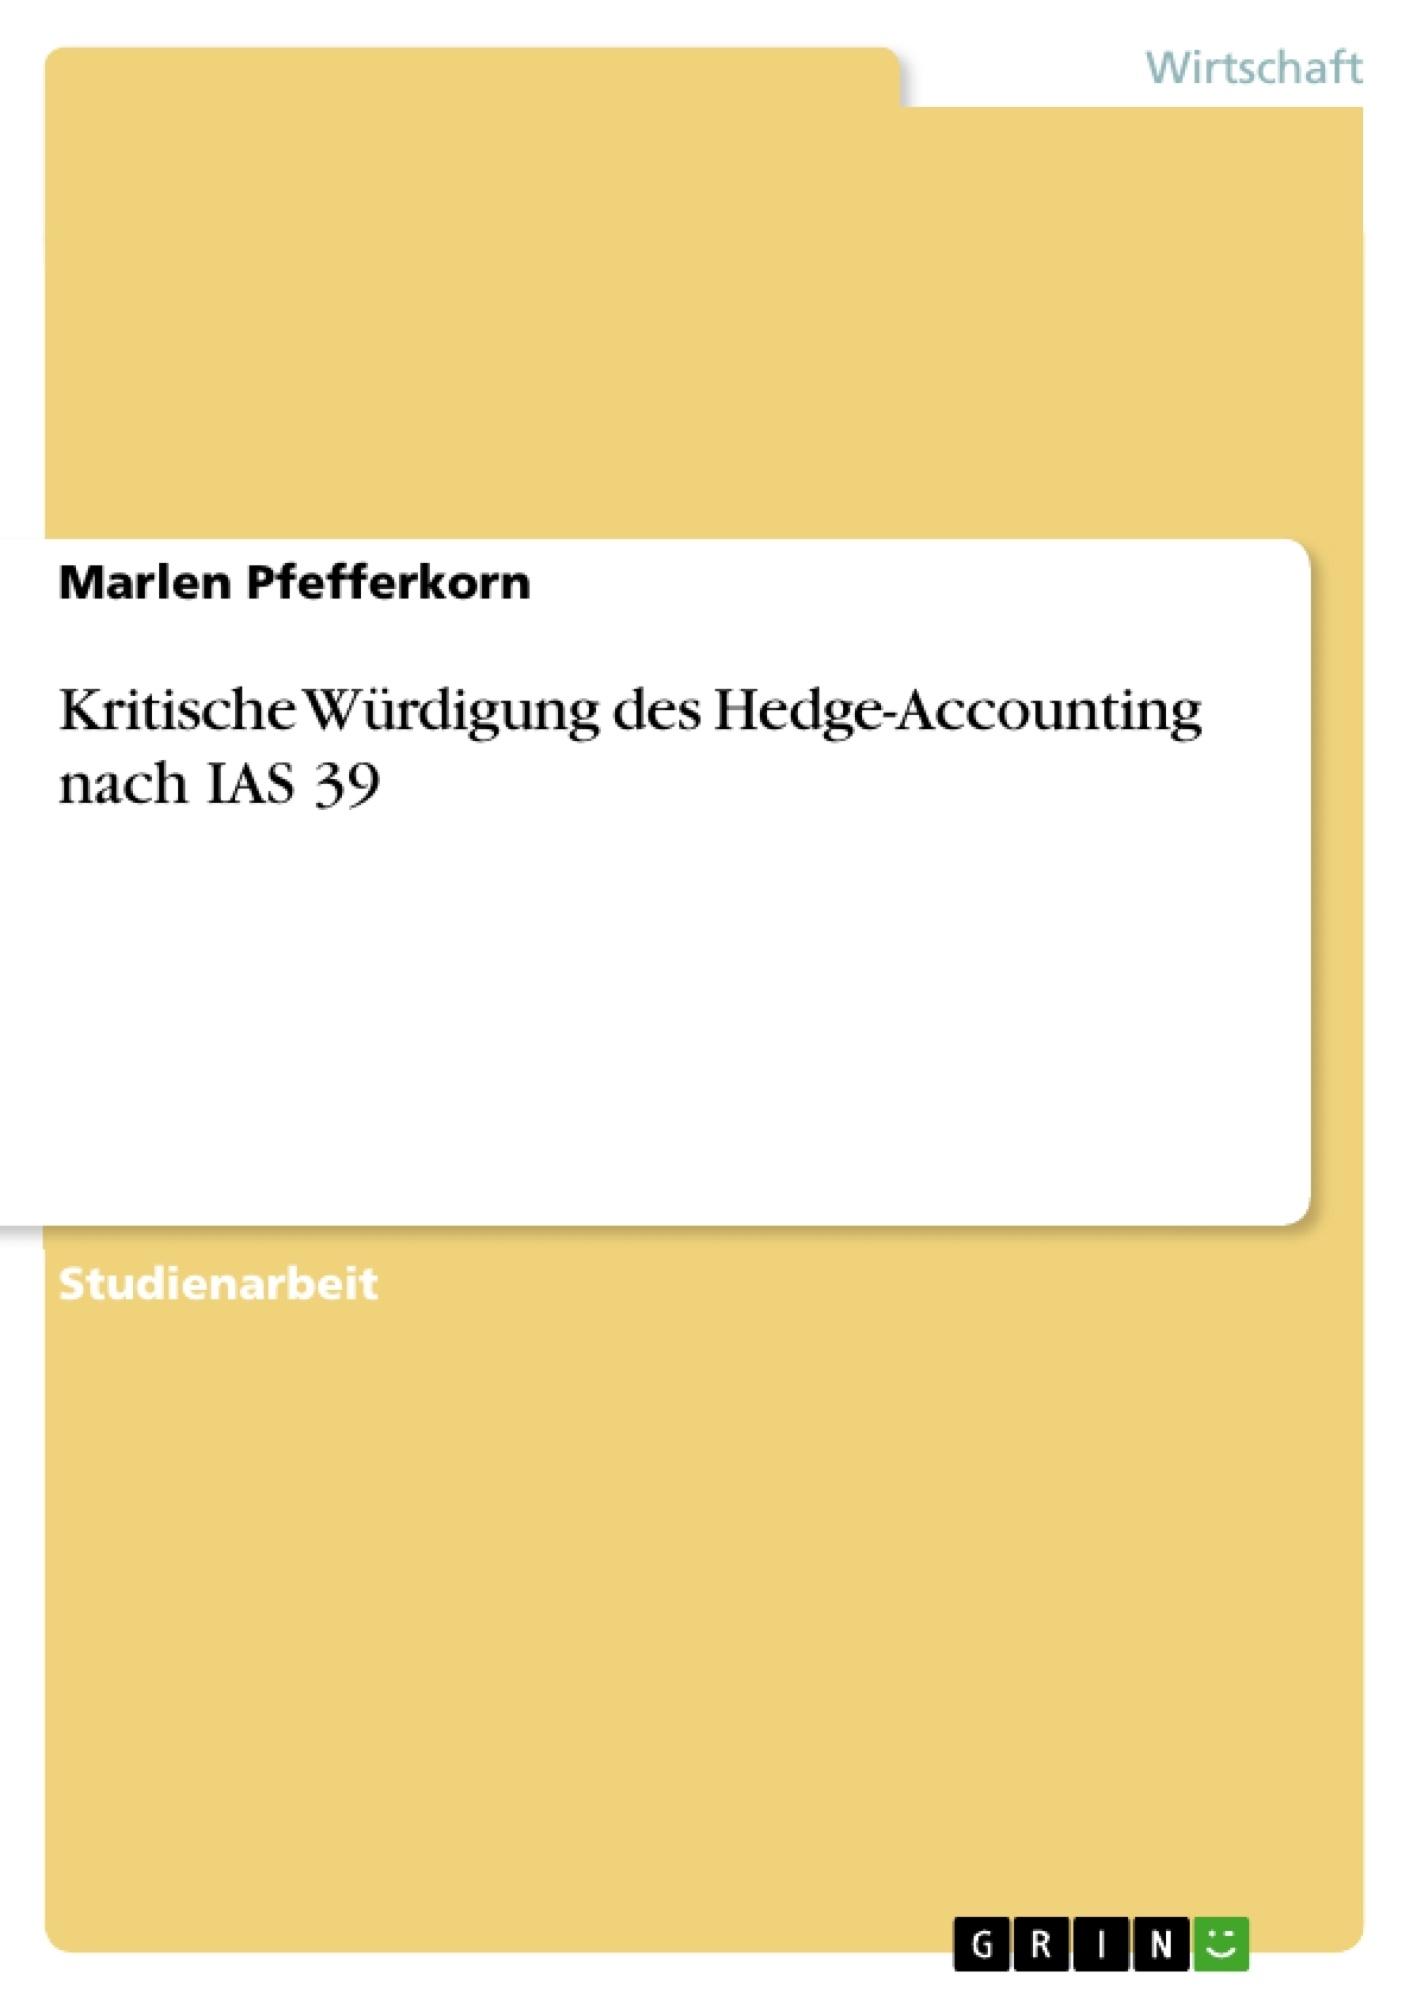 Titel: Kritische Würdigung des Hedge-Accounting nach IAS 39